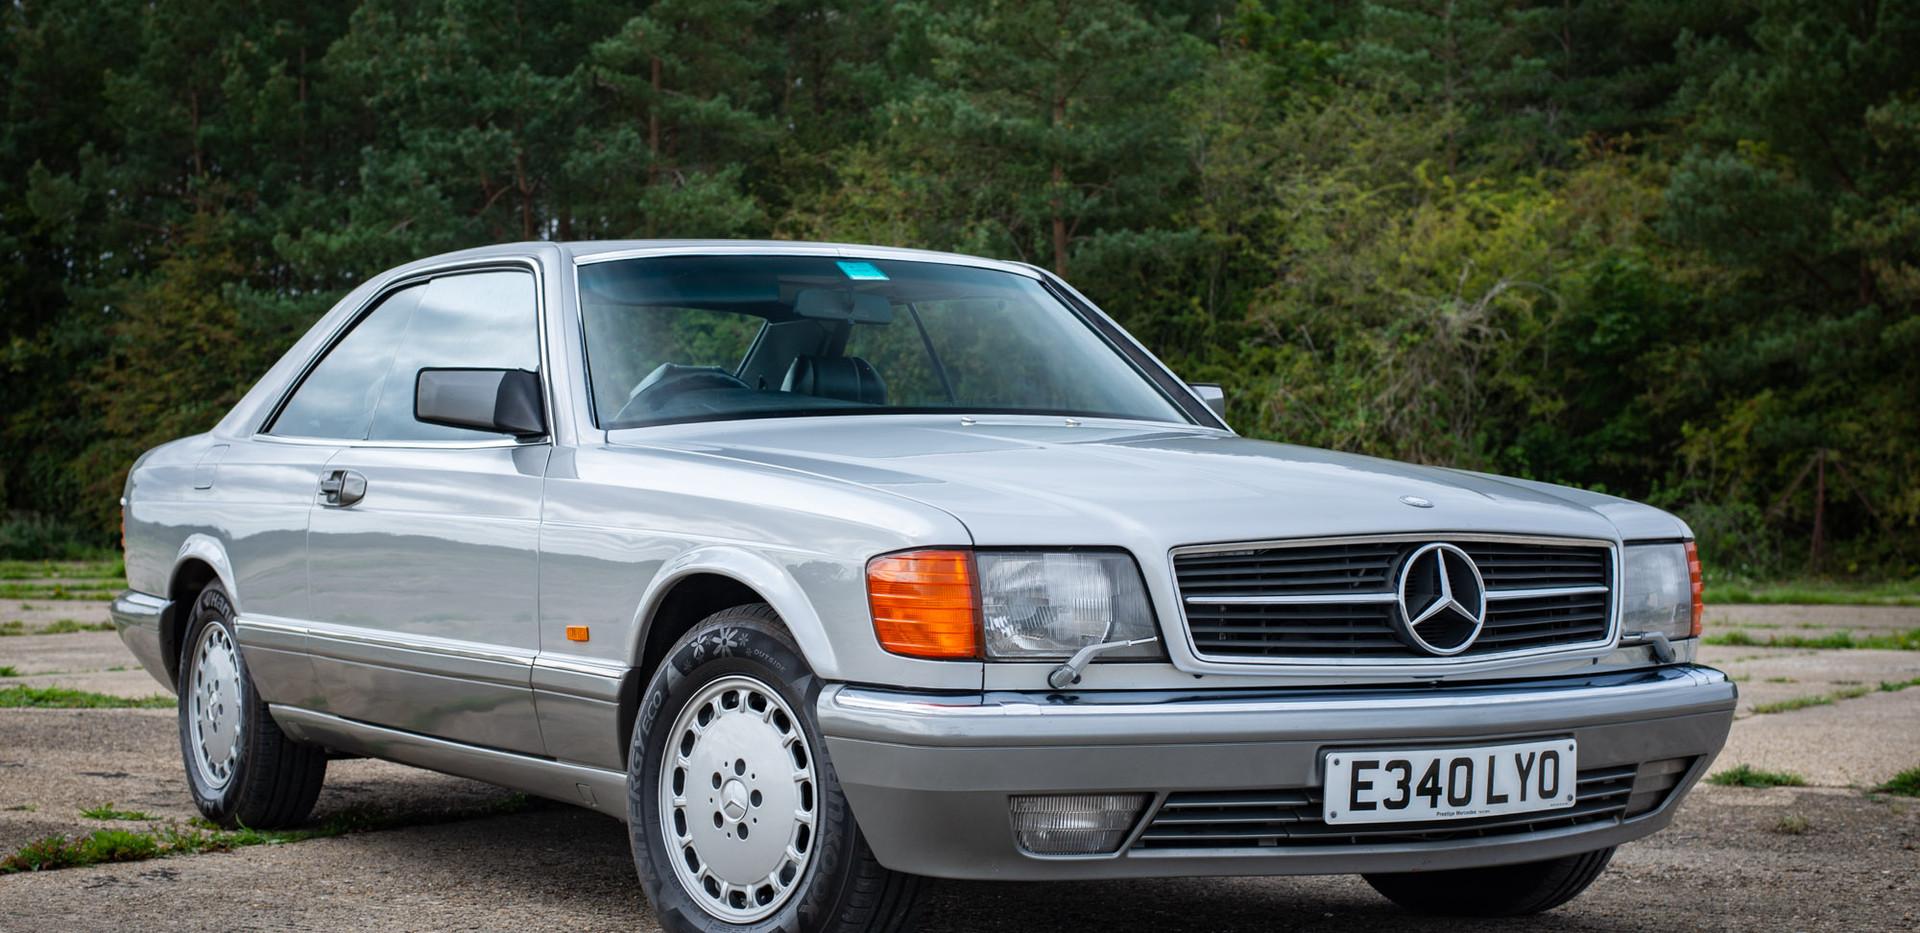 W126 420SEC - Uk for sale london.jpg